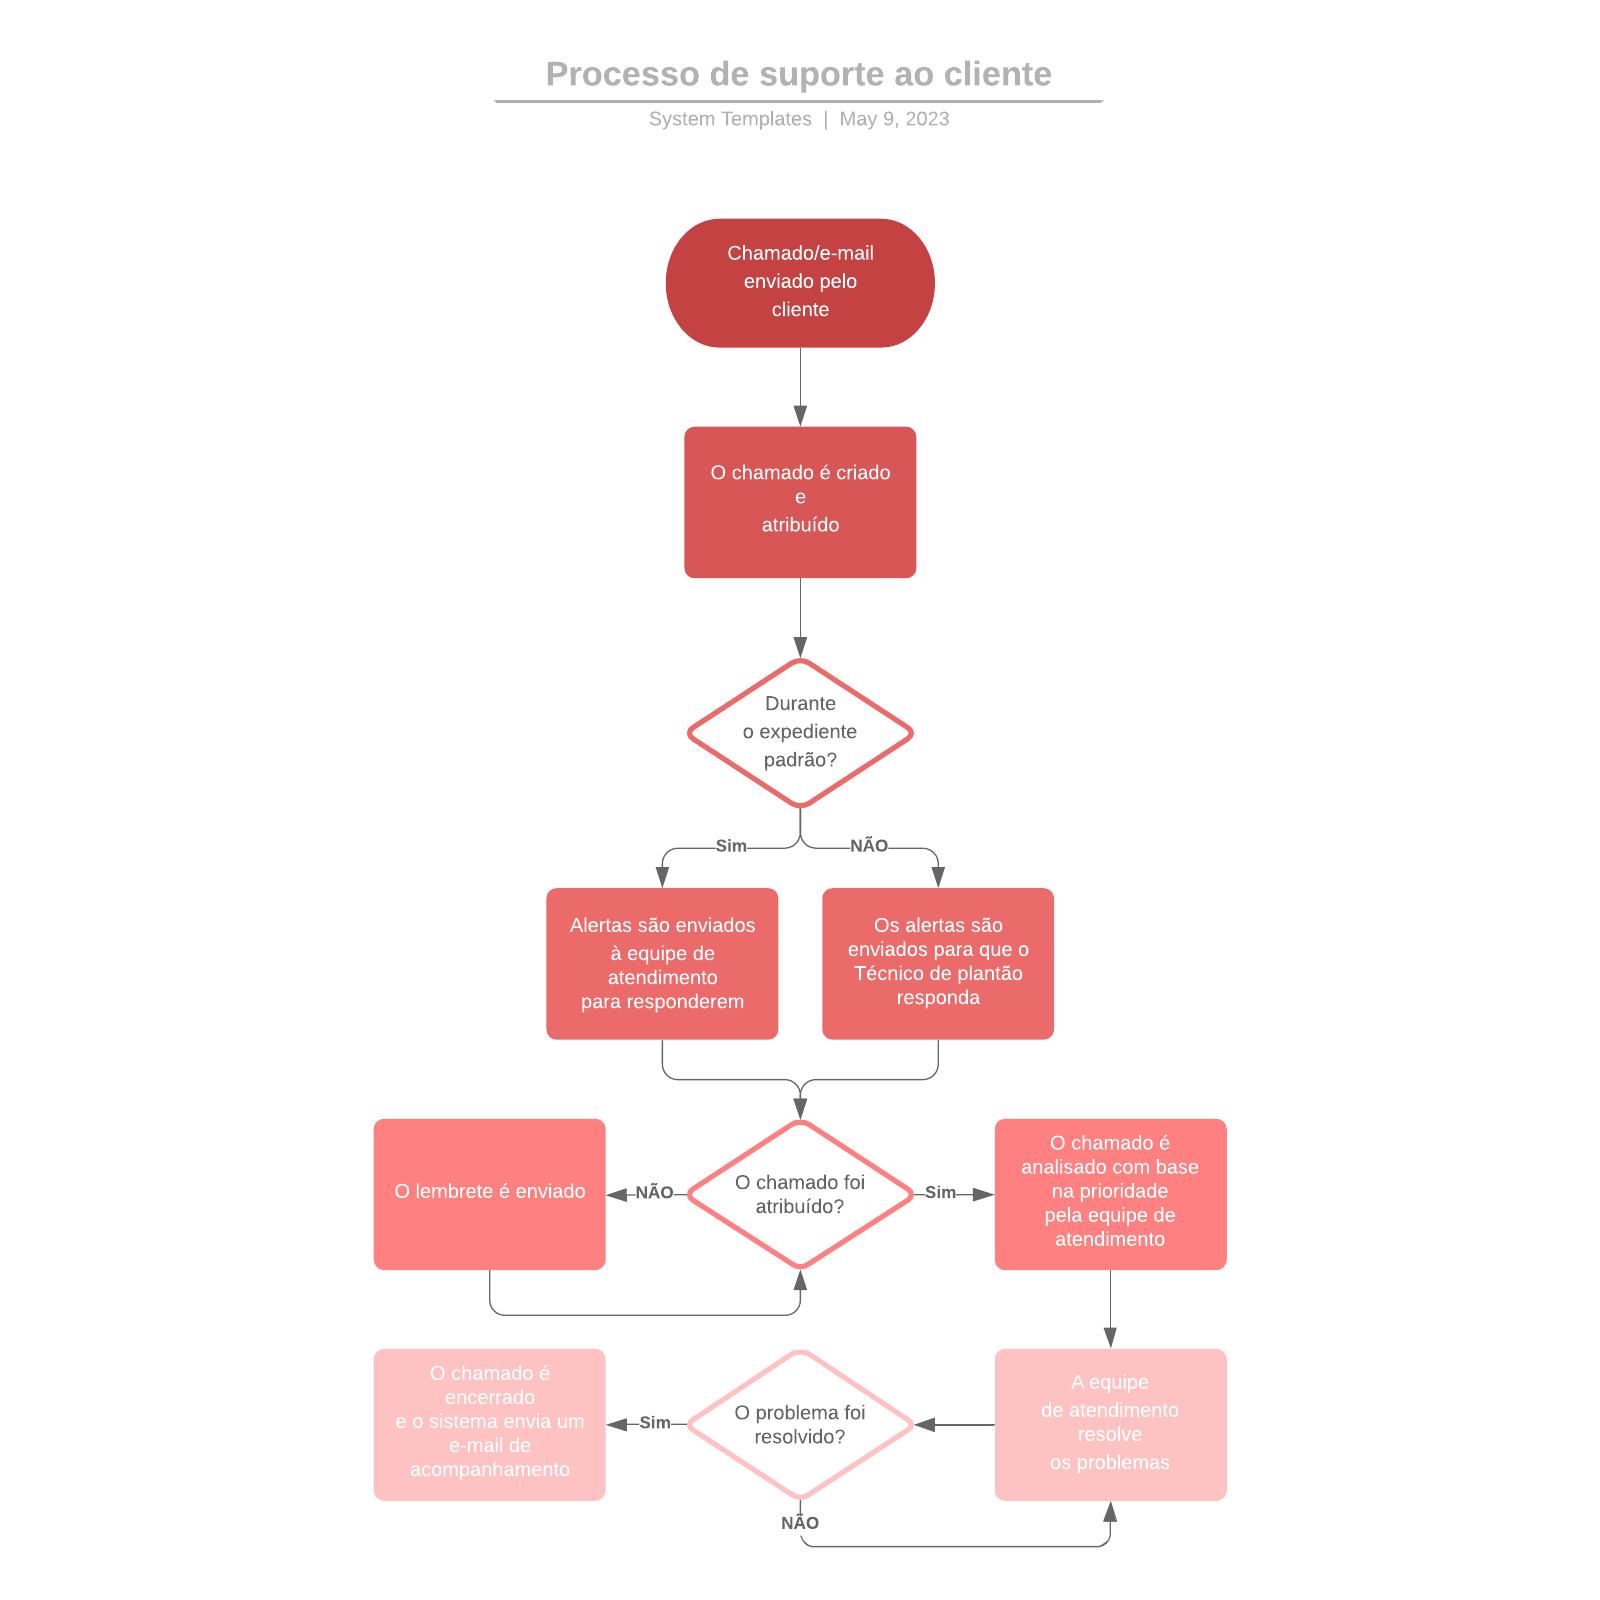 Processo de suporte ao cliente